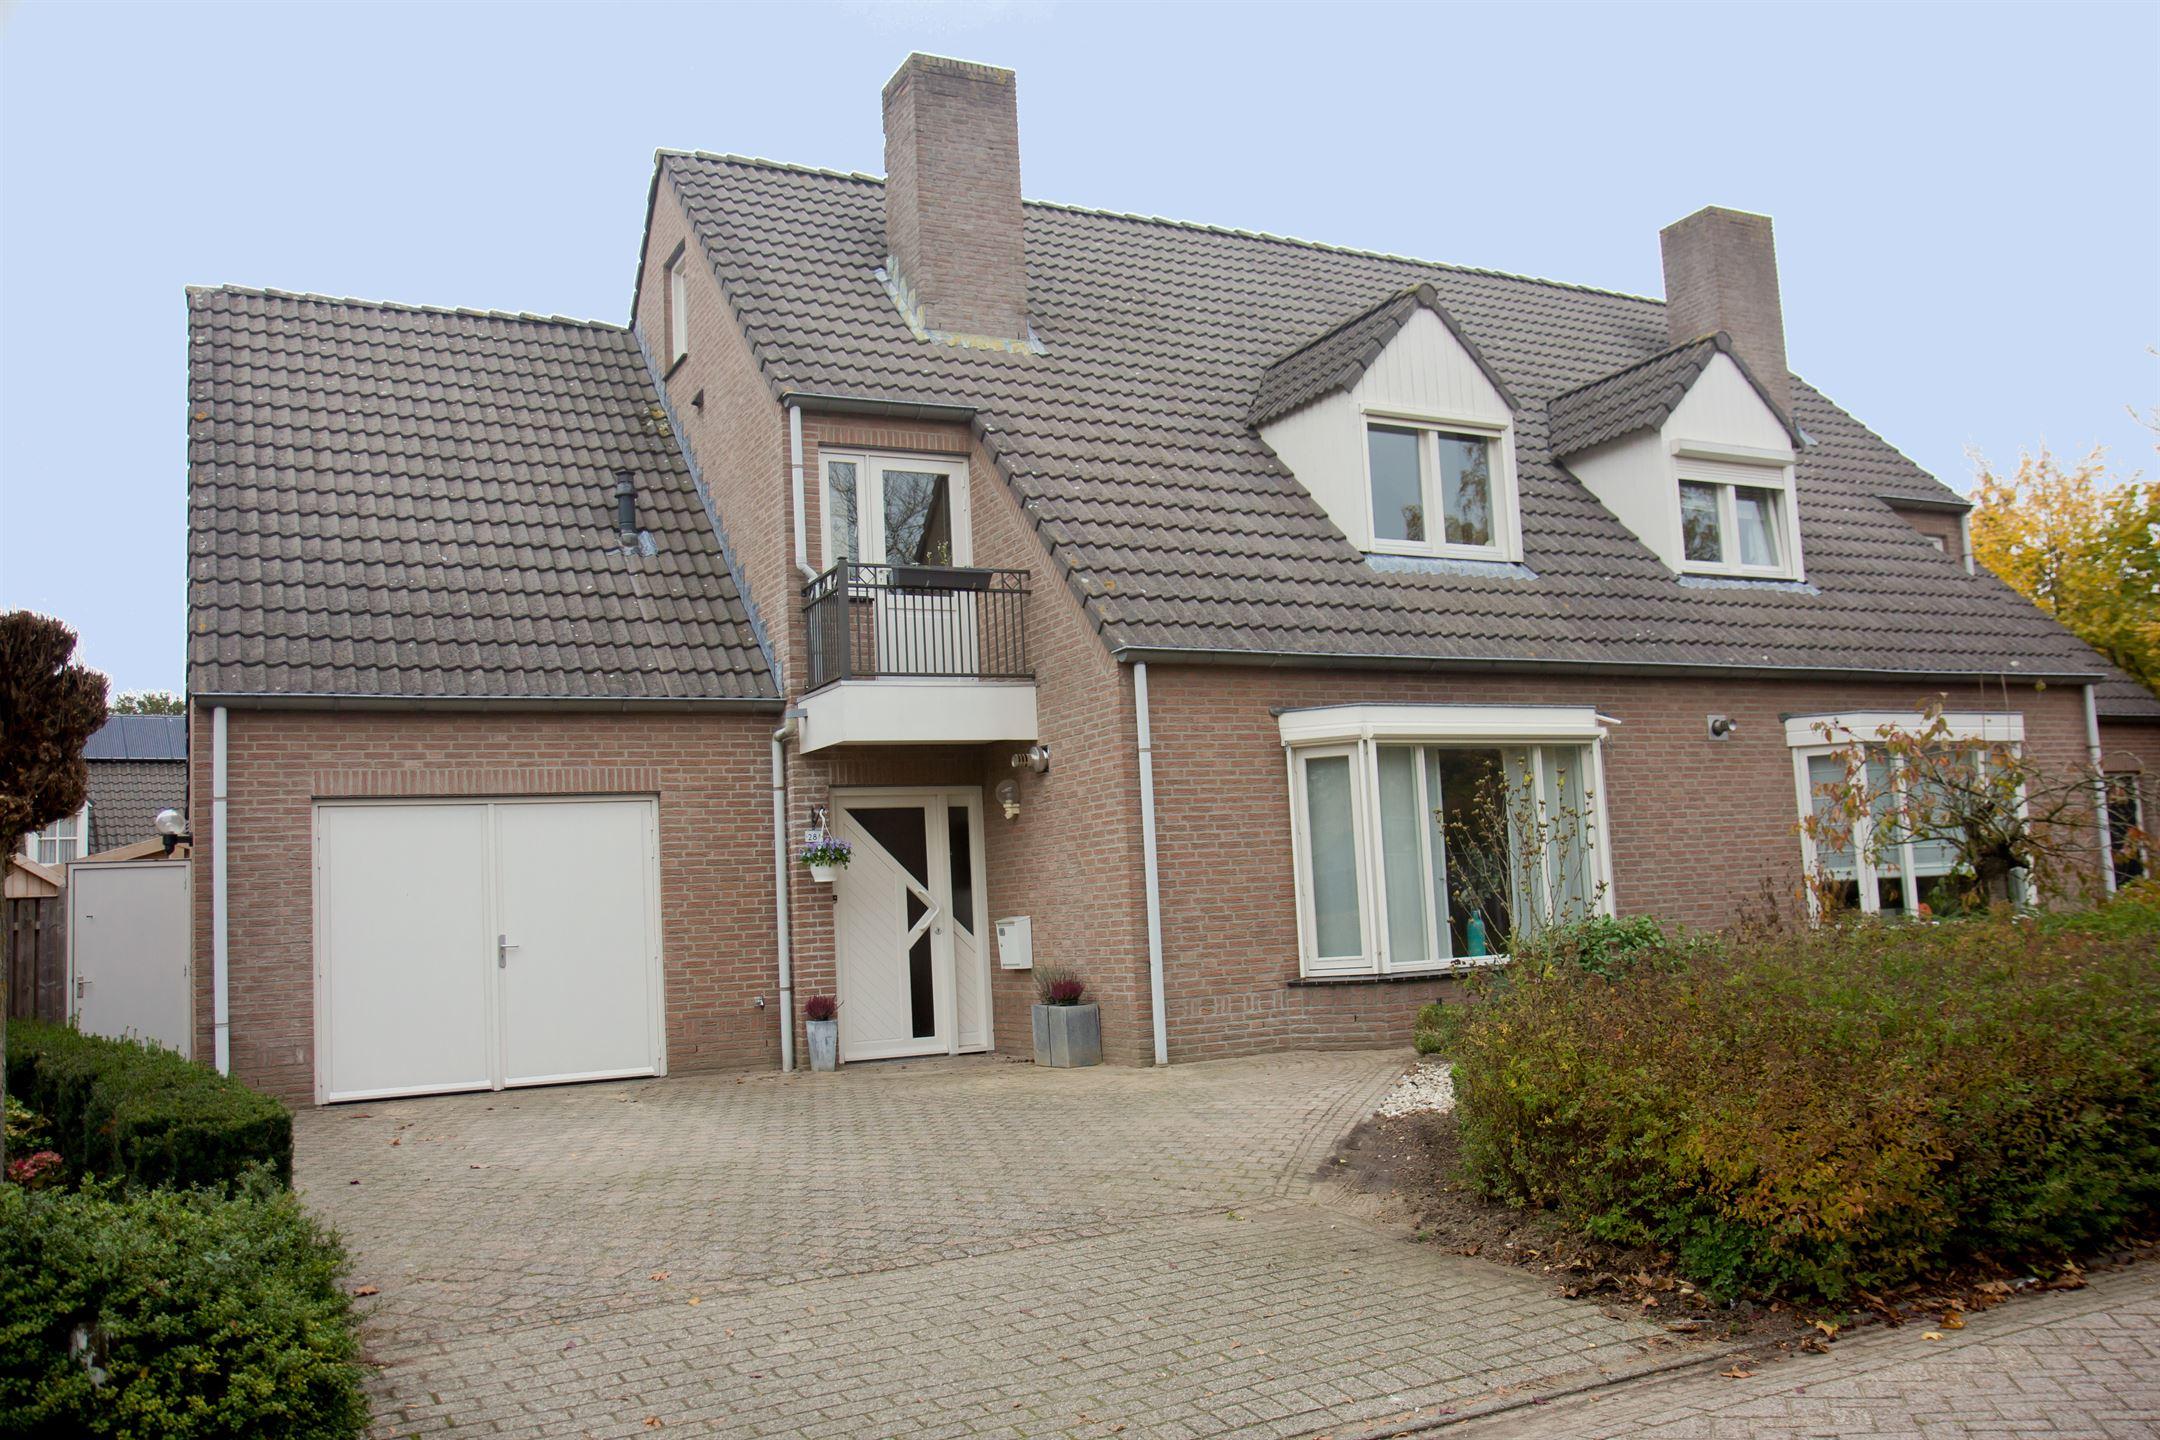 Huis te koop: steenovens 28 a 5563 cb westerhoven [funda]